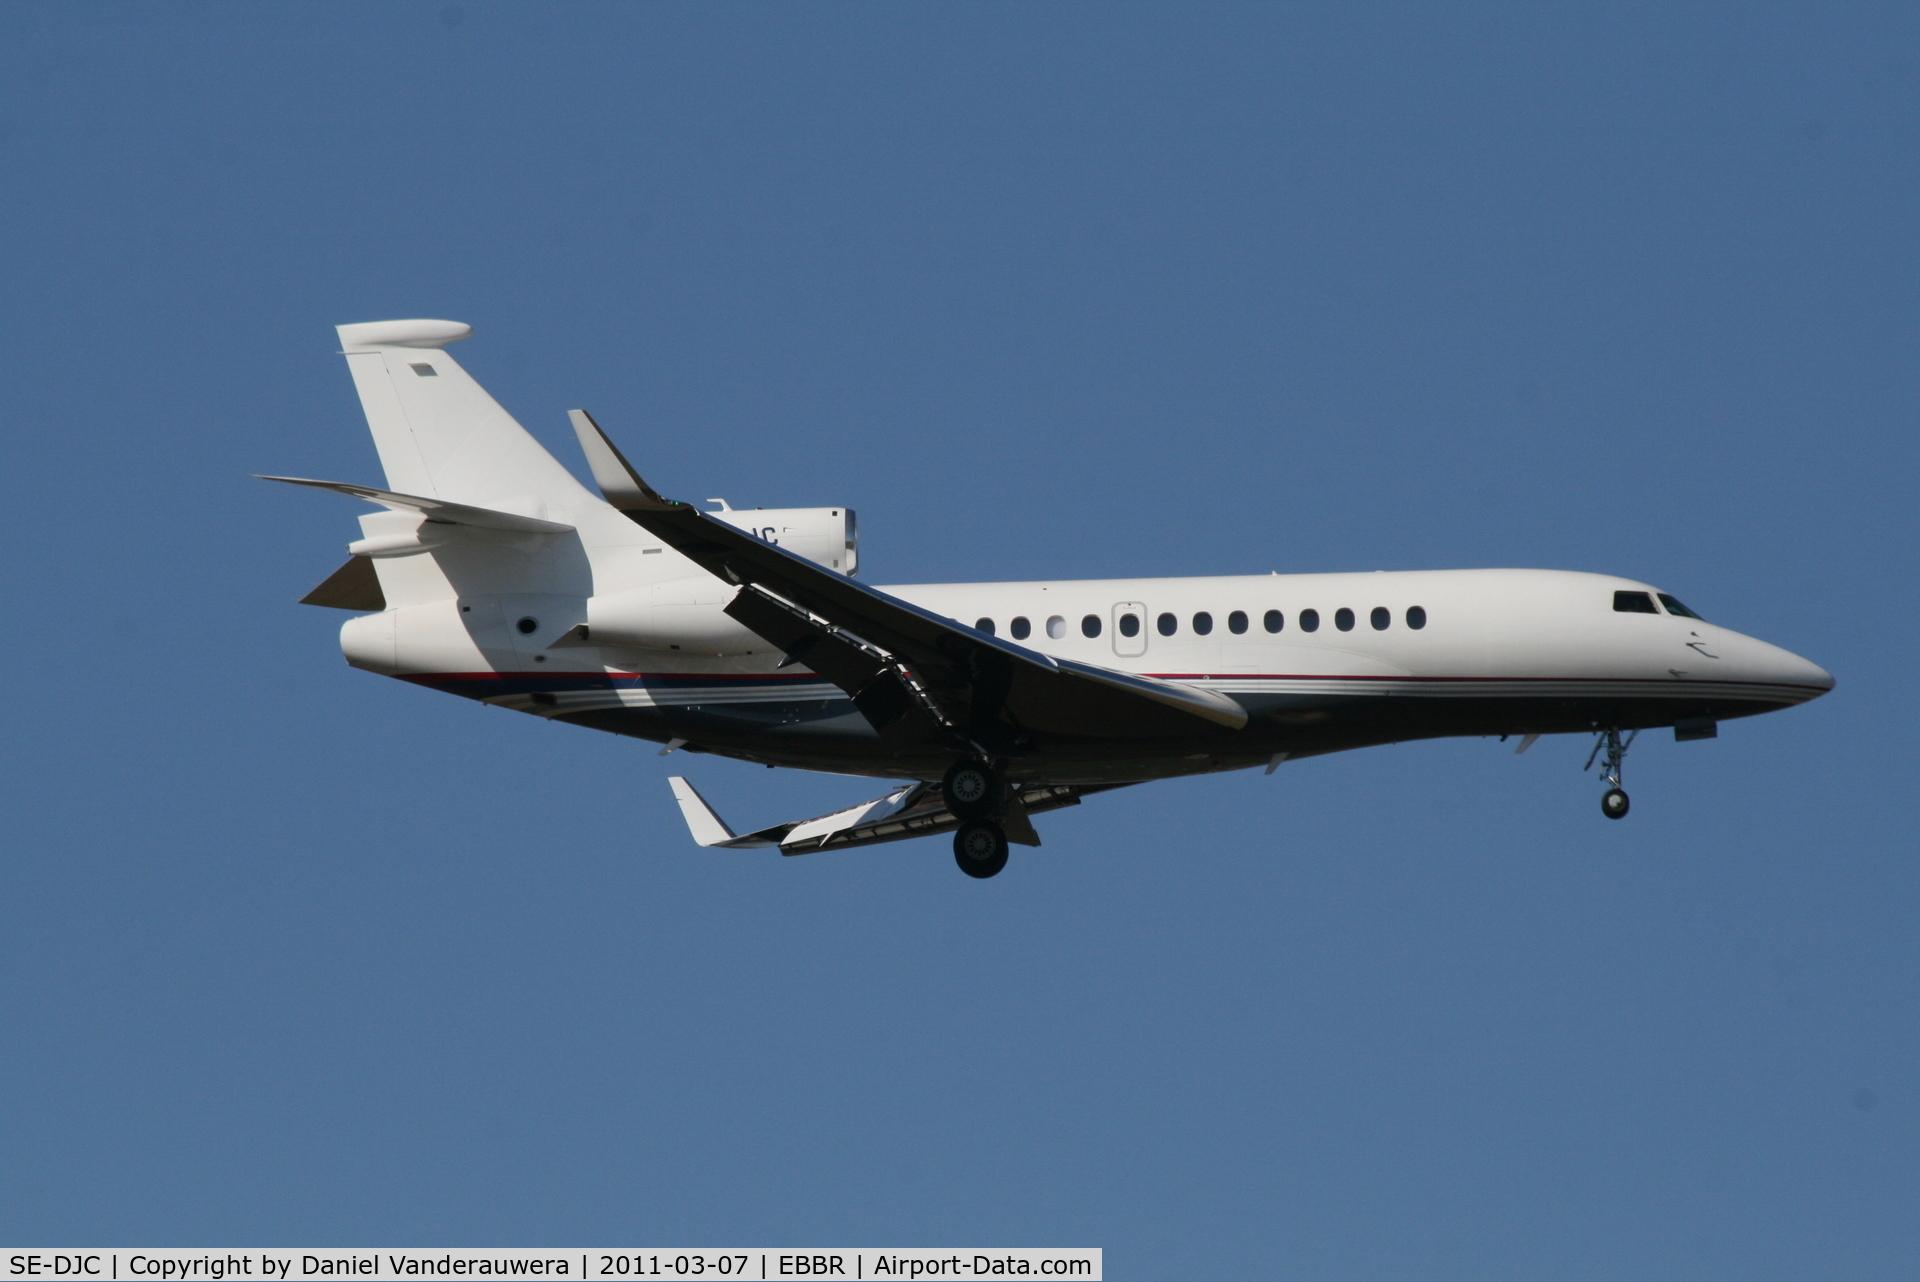 SE-DJC, 2009 Dassault Falcon 7X C/N 078, Arrival to RWY 02